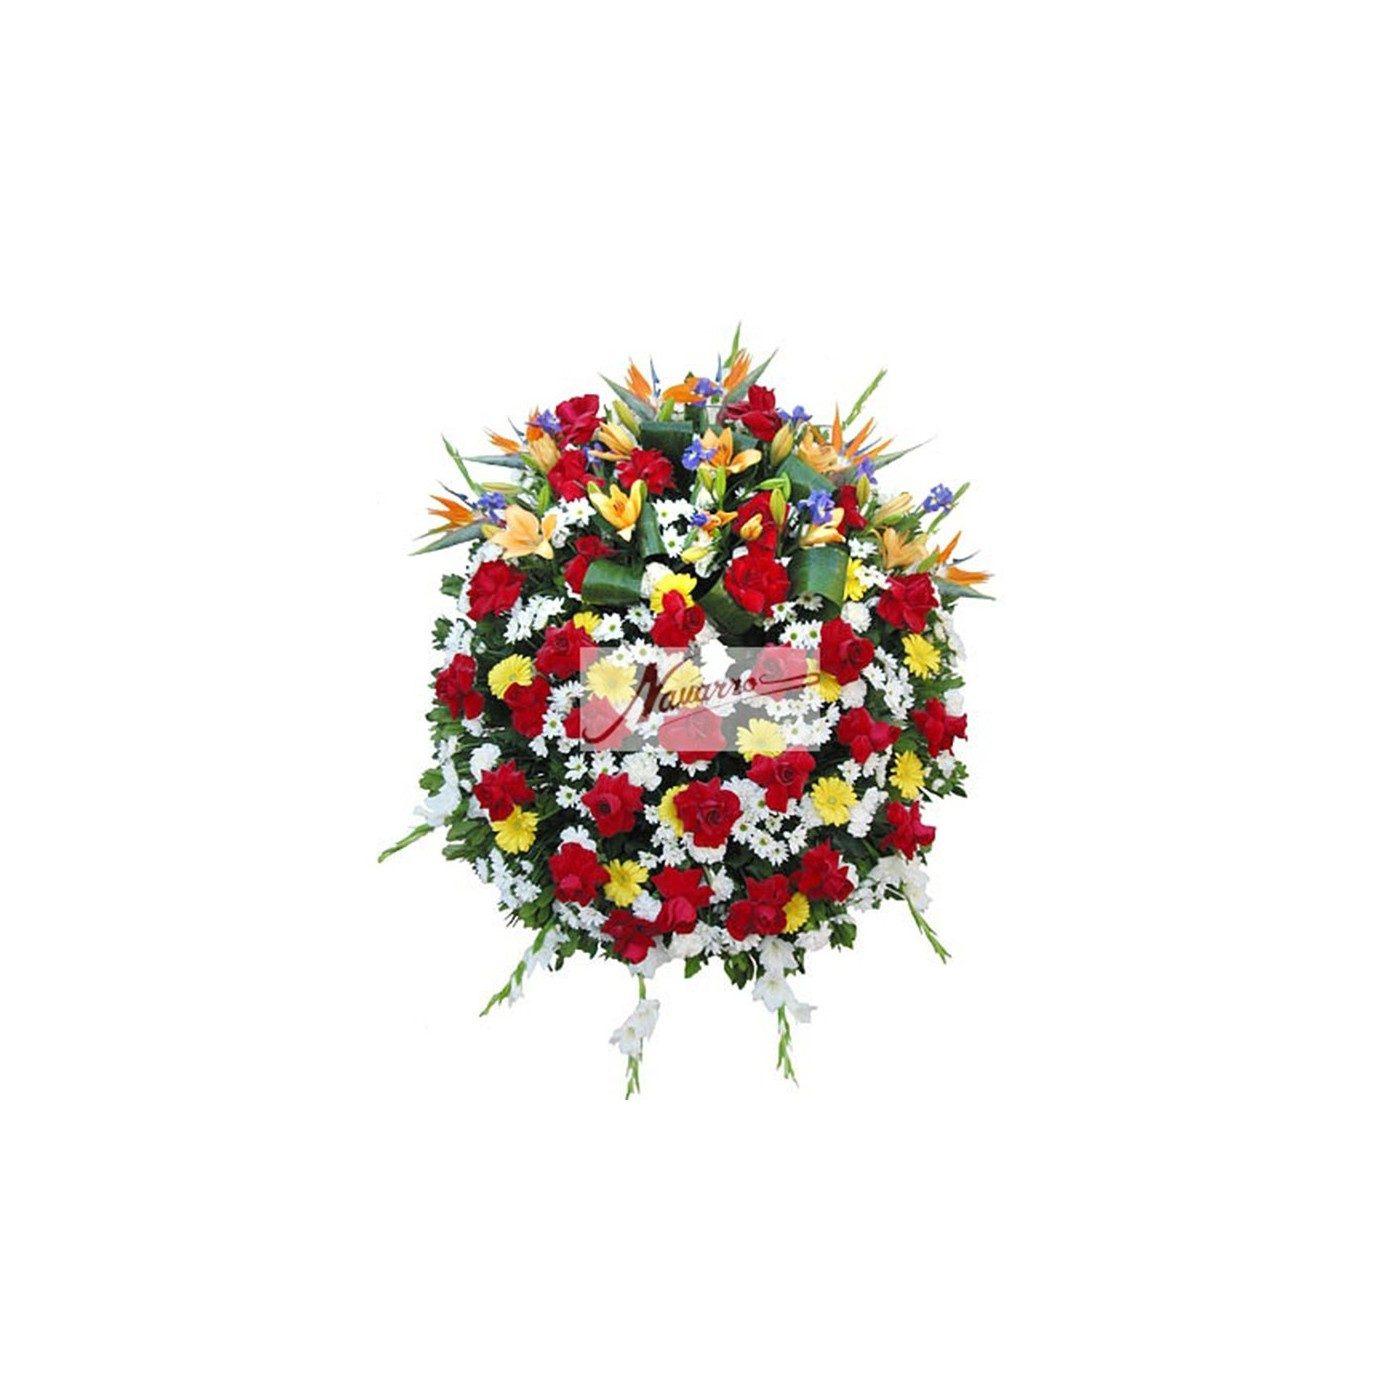 Corona de flor variada